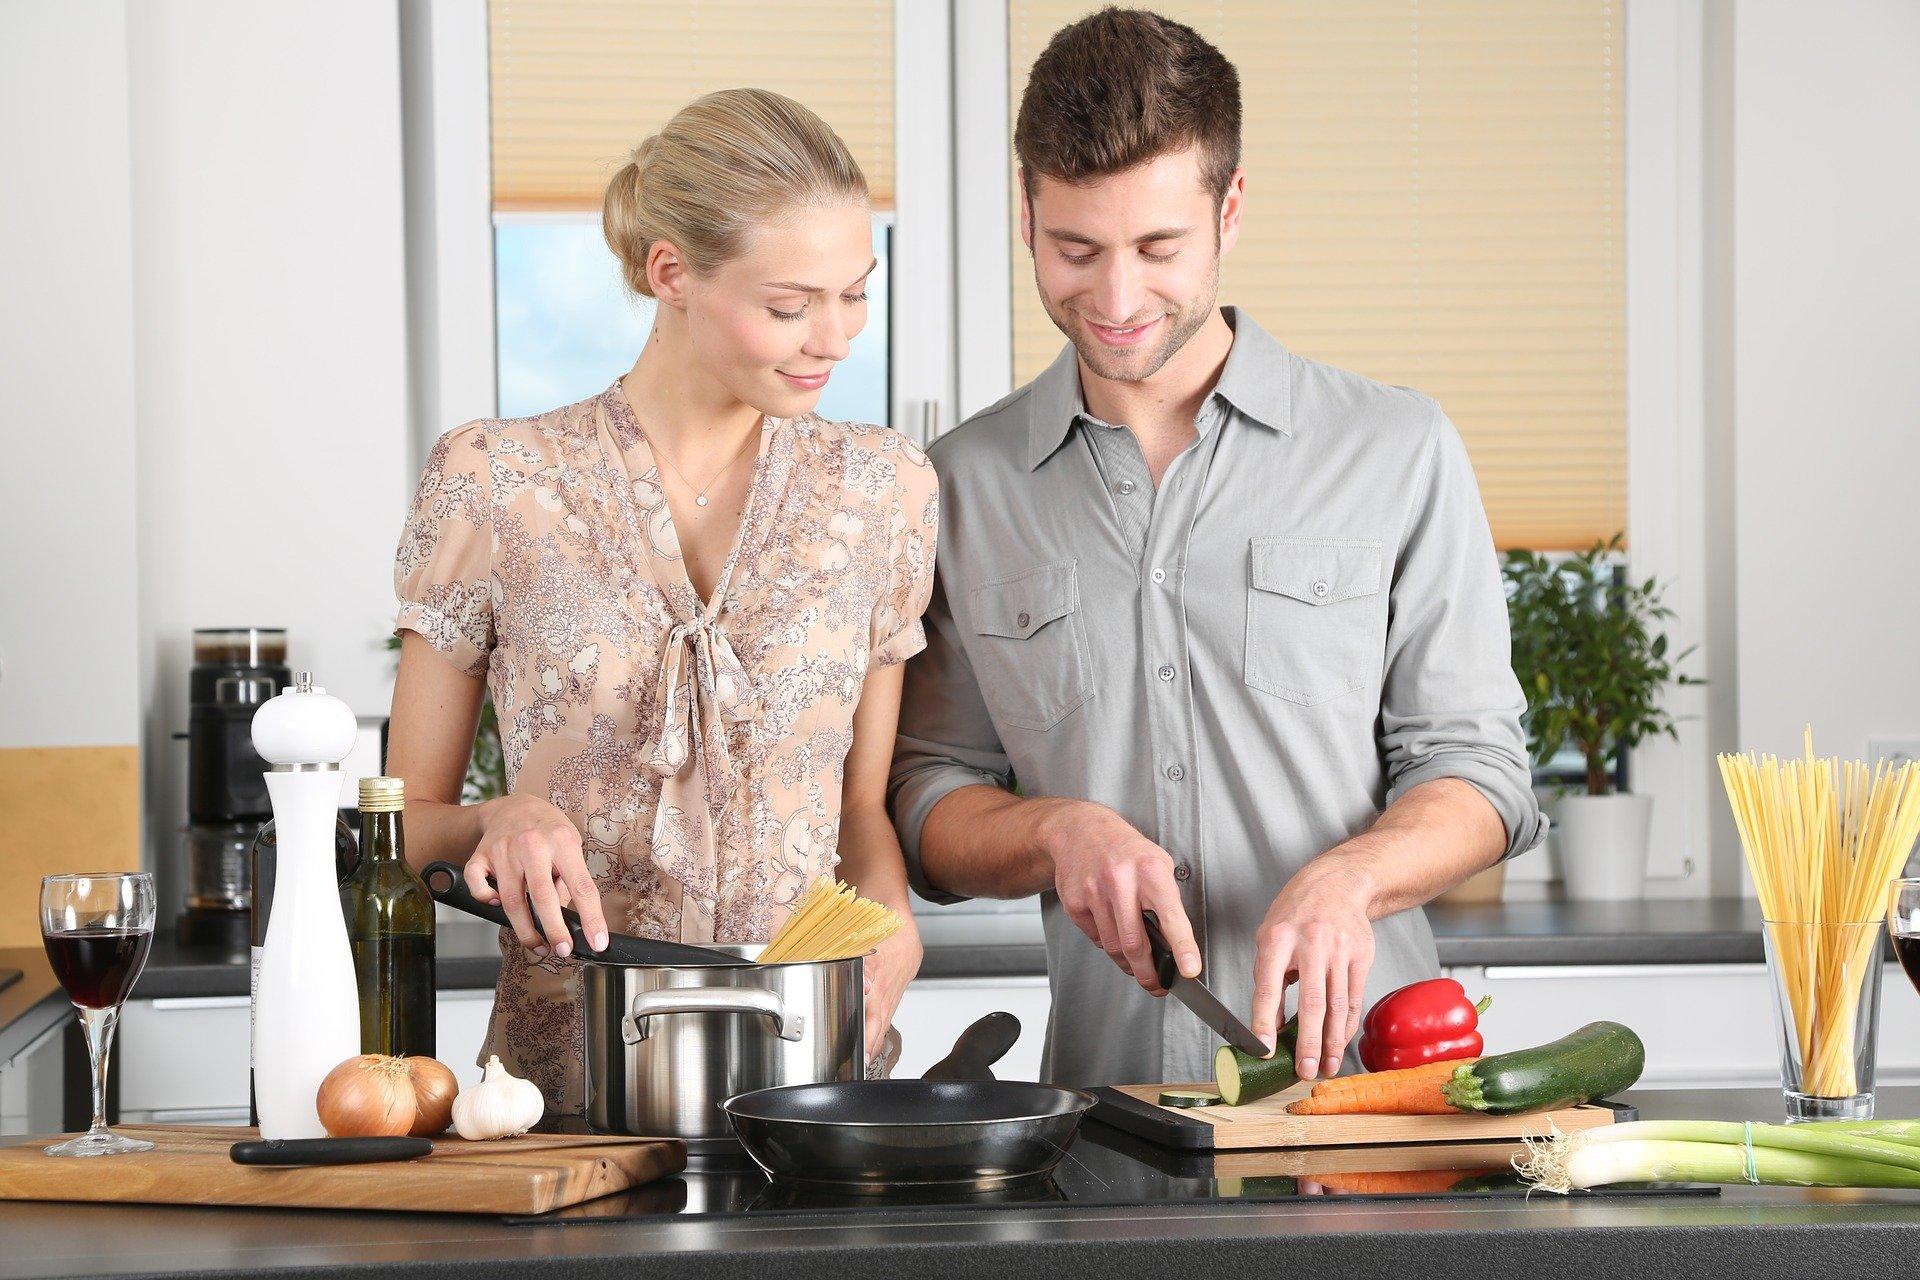 woman, man, kitchen